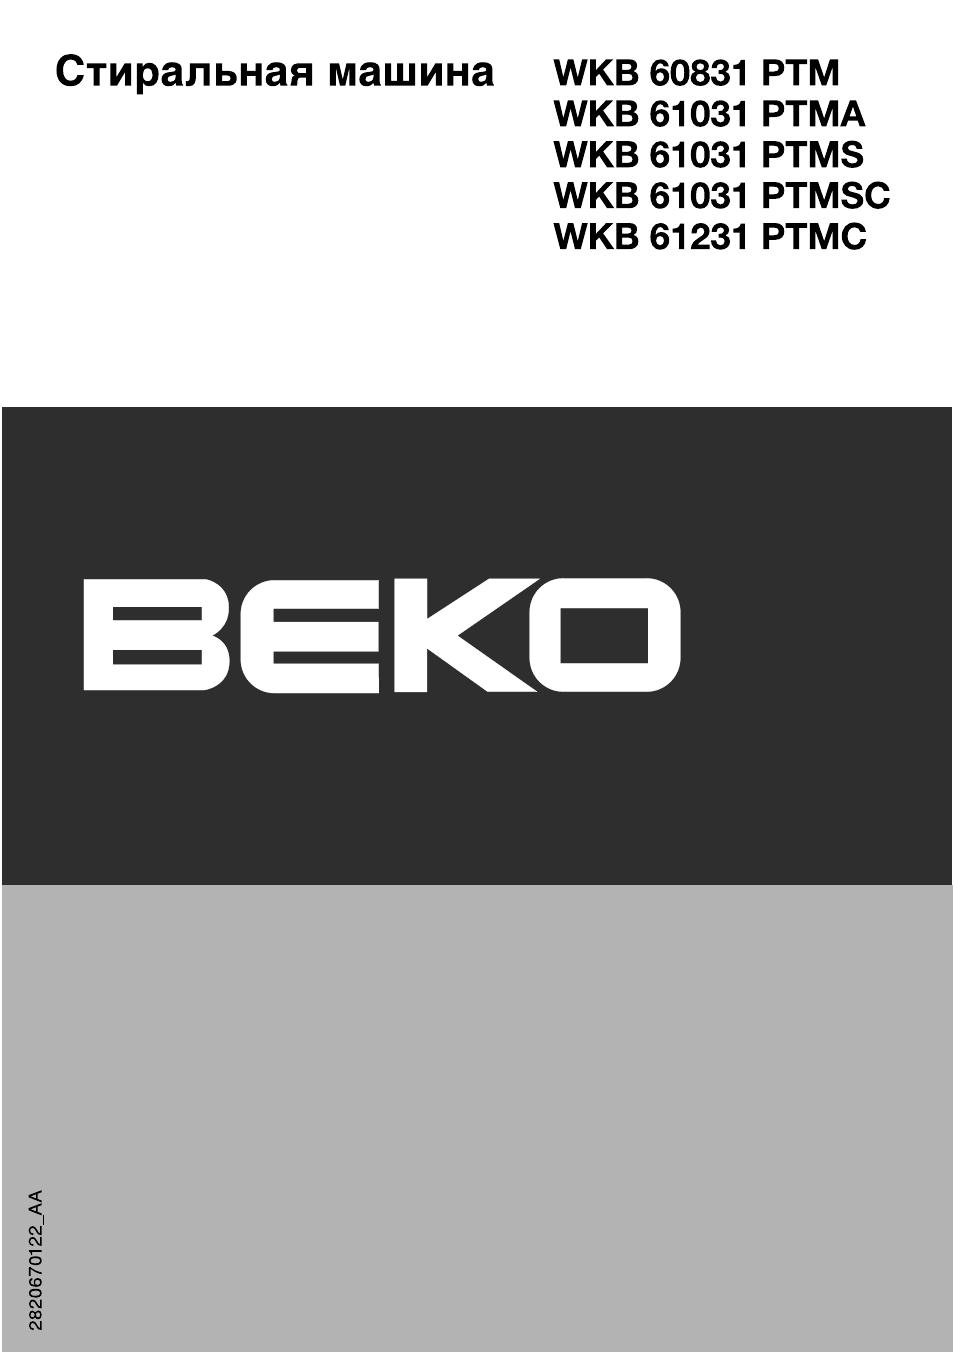 Beko wkb 61031 ptma инструкция